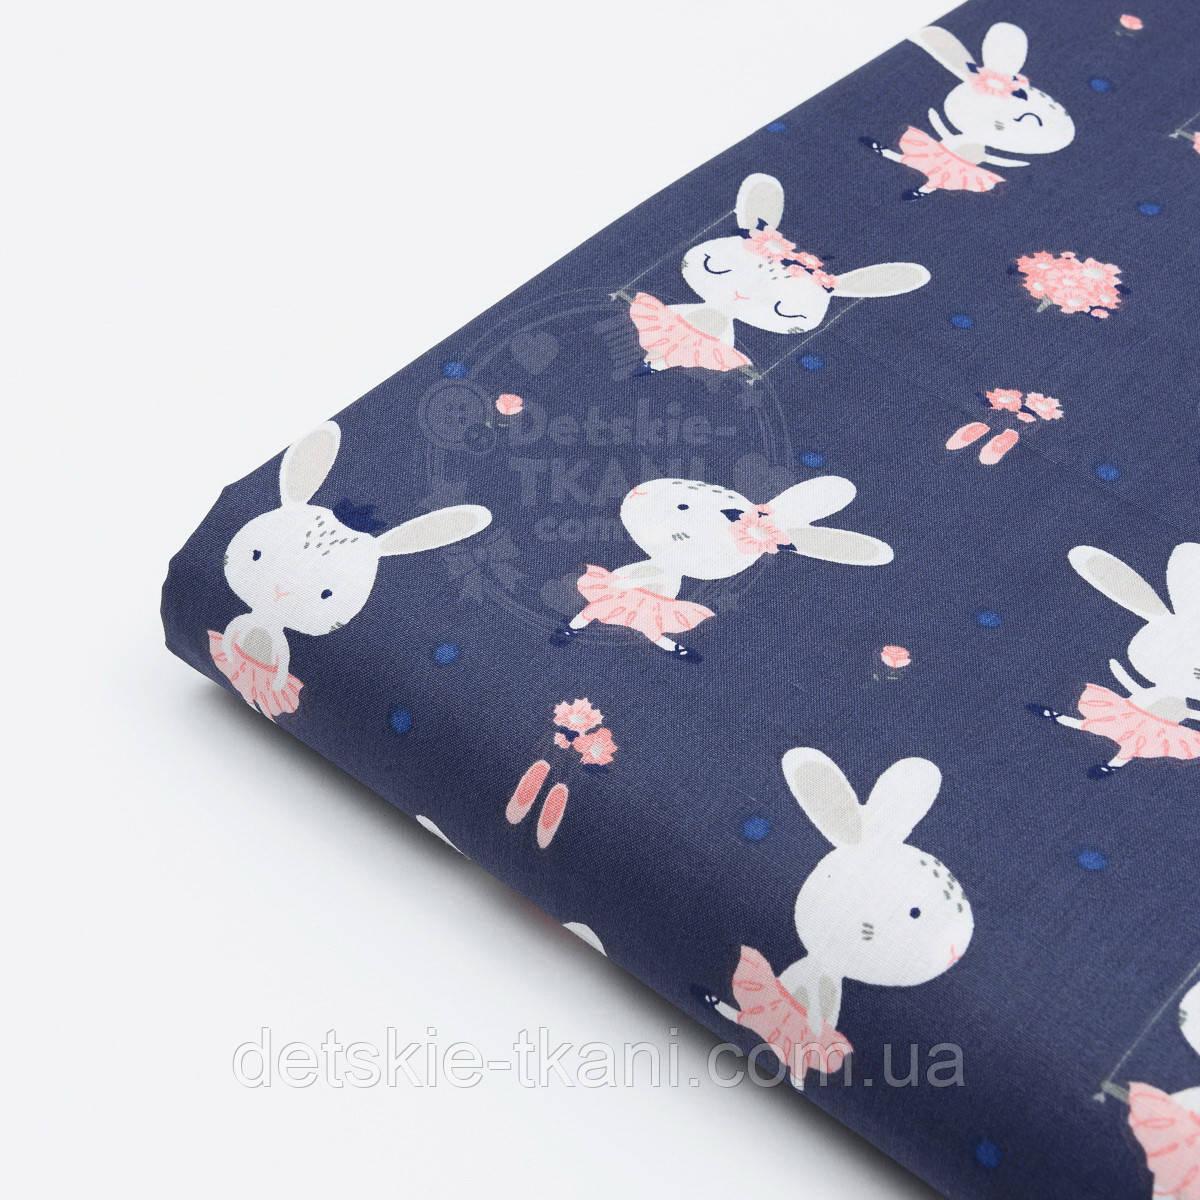 """Лоскут ткани """"Кролики на качелях"""" на синем фоне, №1521а, размер 24*160 см"""